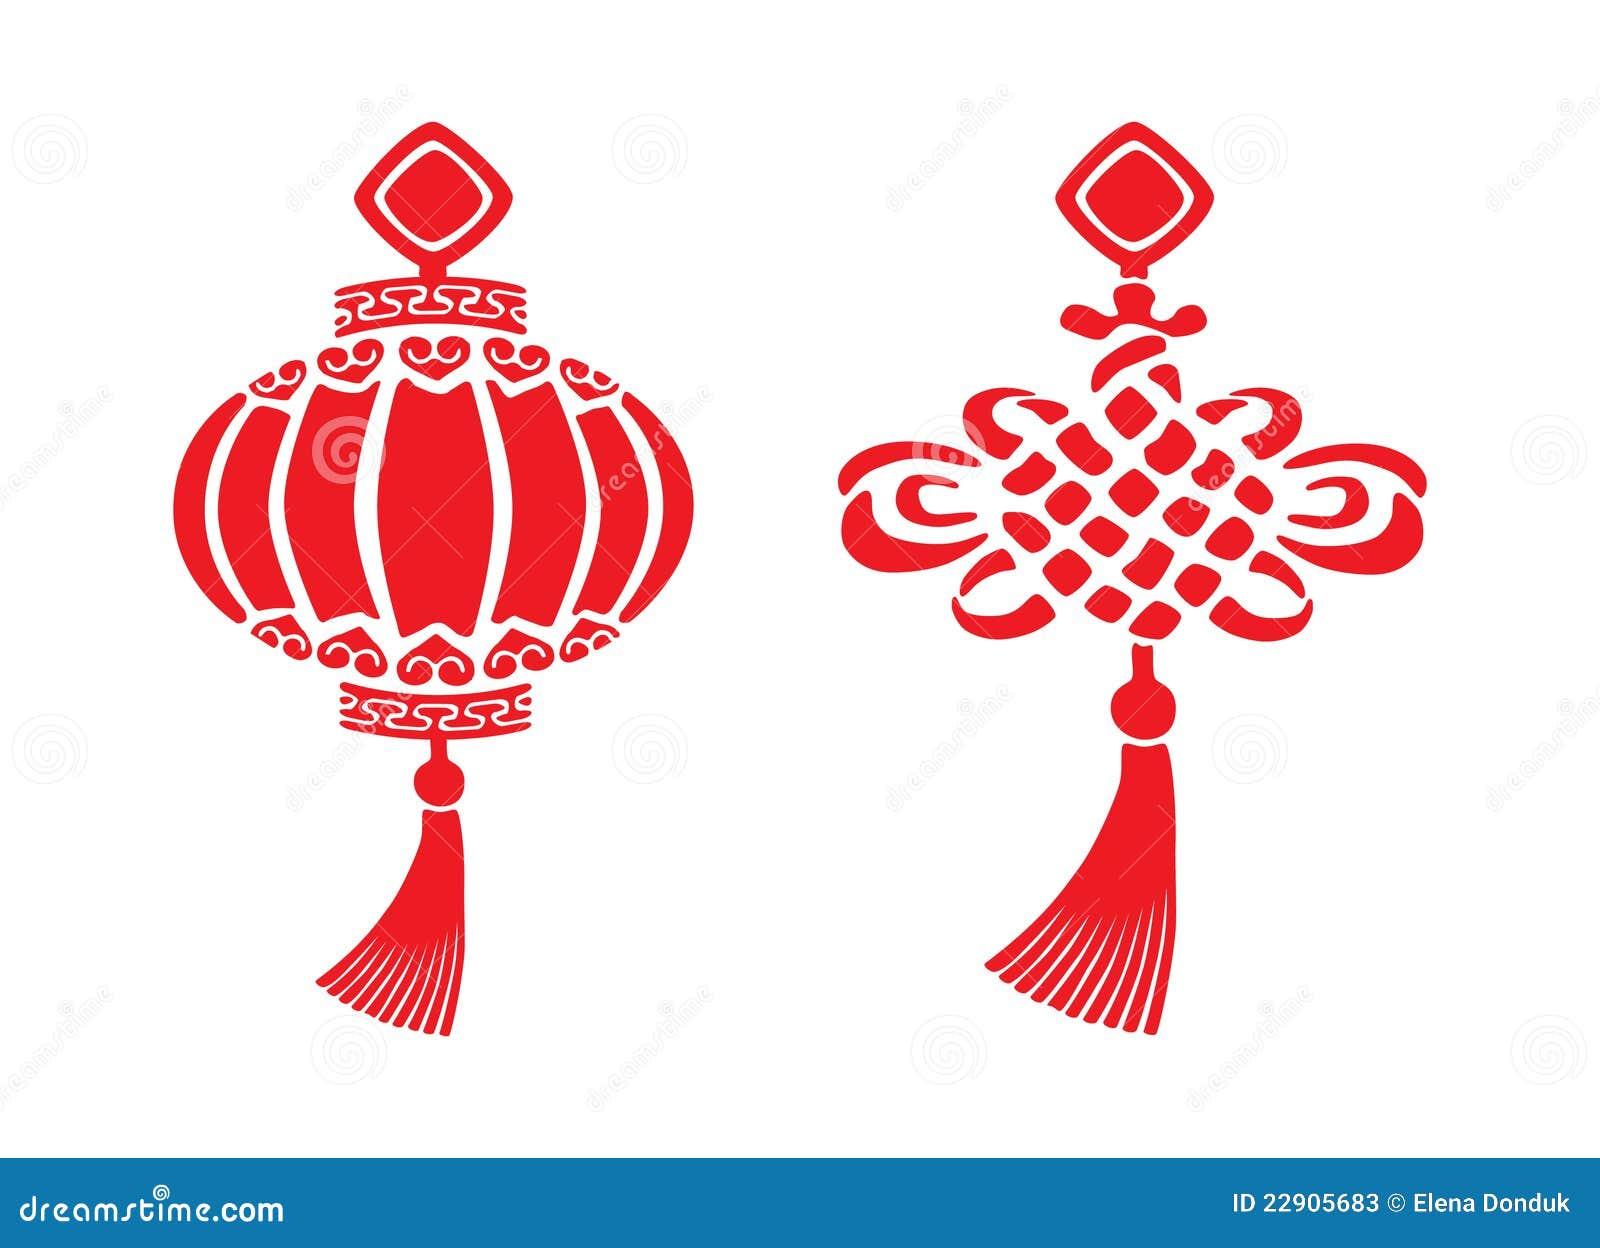 Chinese New Year Symbols Stock Photos - Image: 22905683